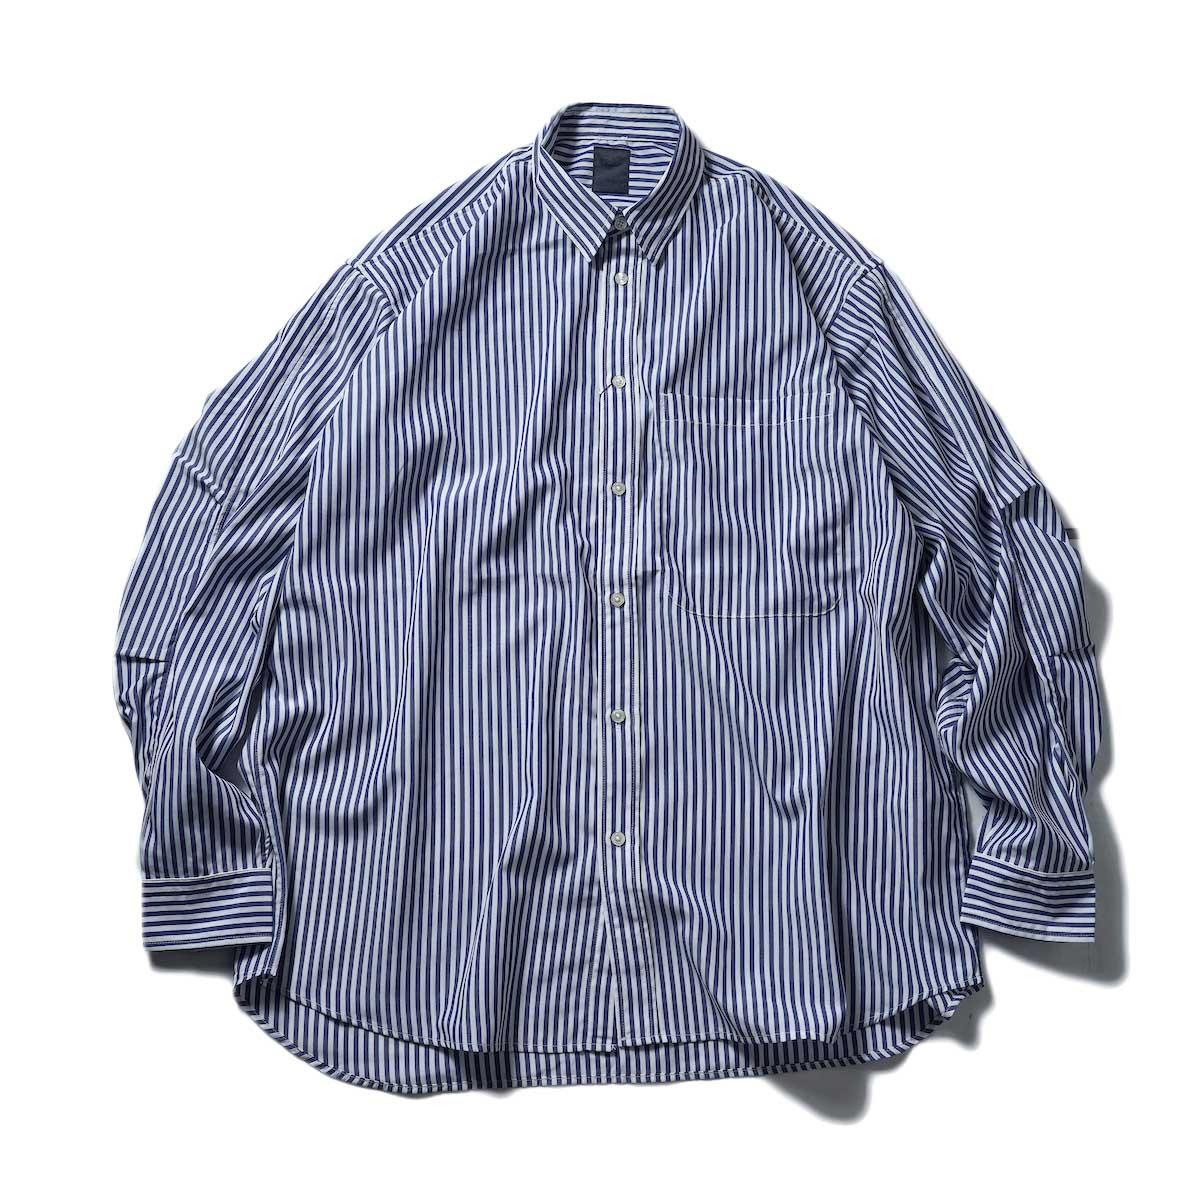 DAIWA PIER39 / Tech Regullar Collar Shirt (Stripe)